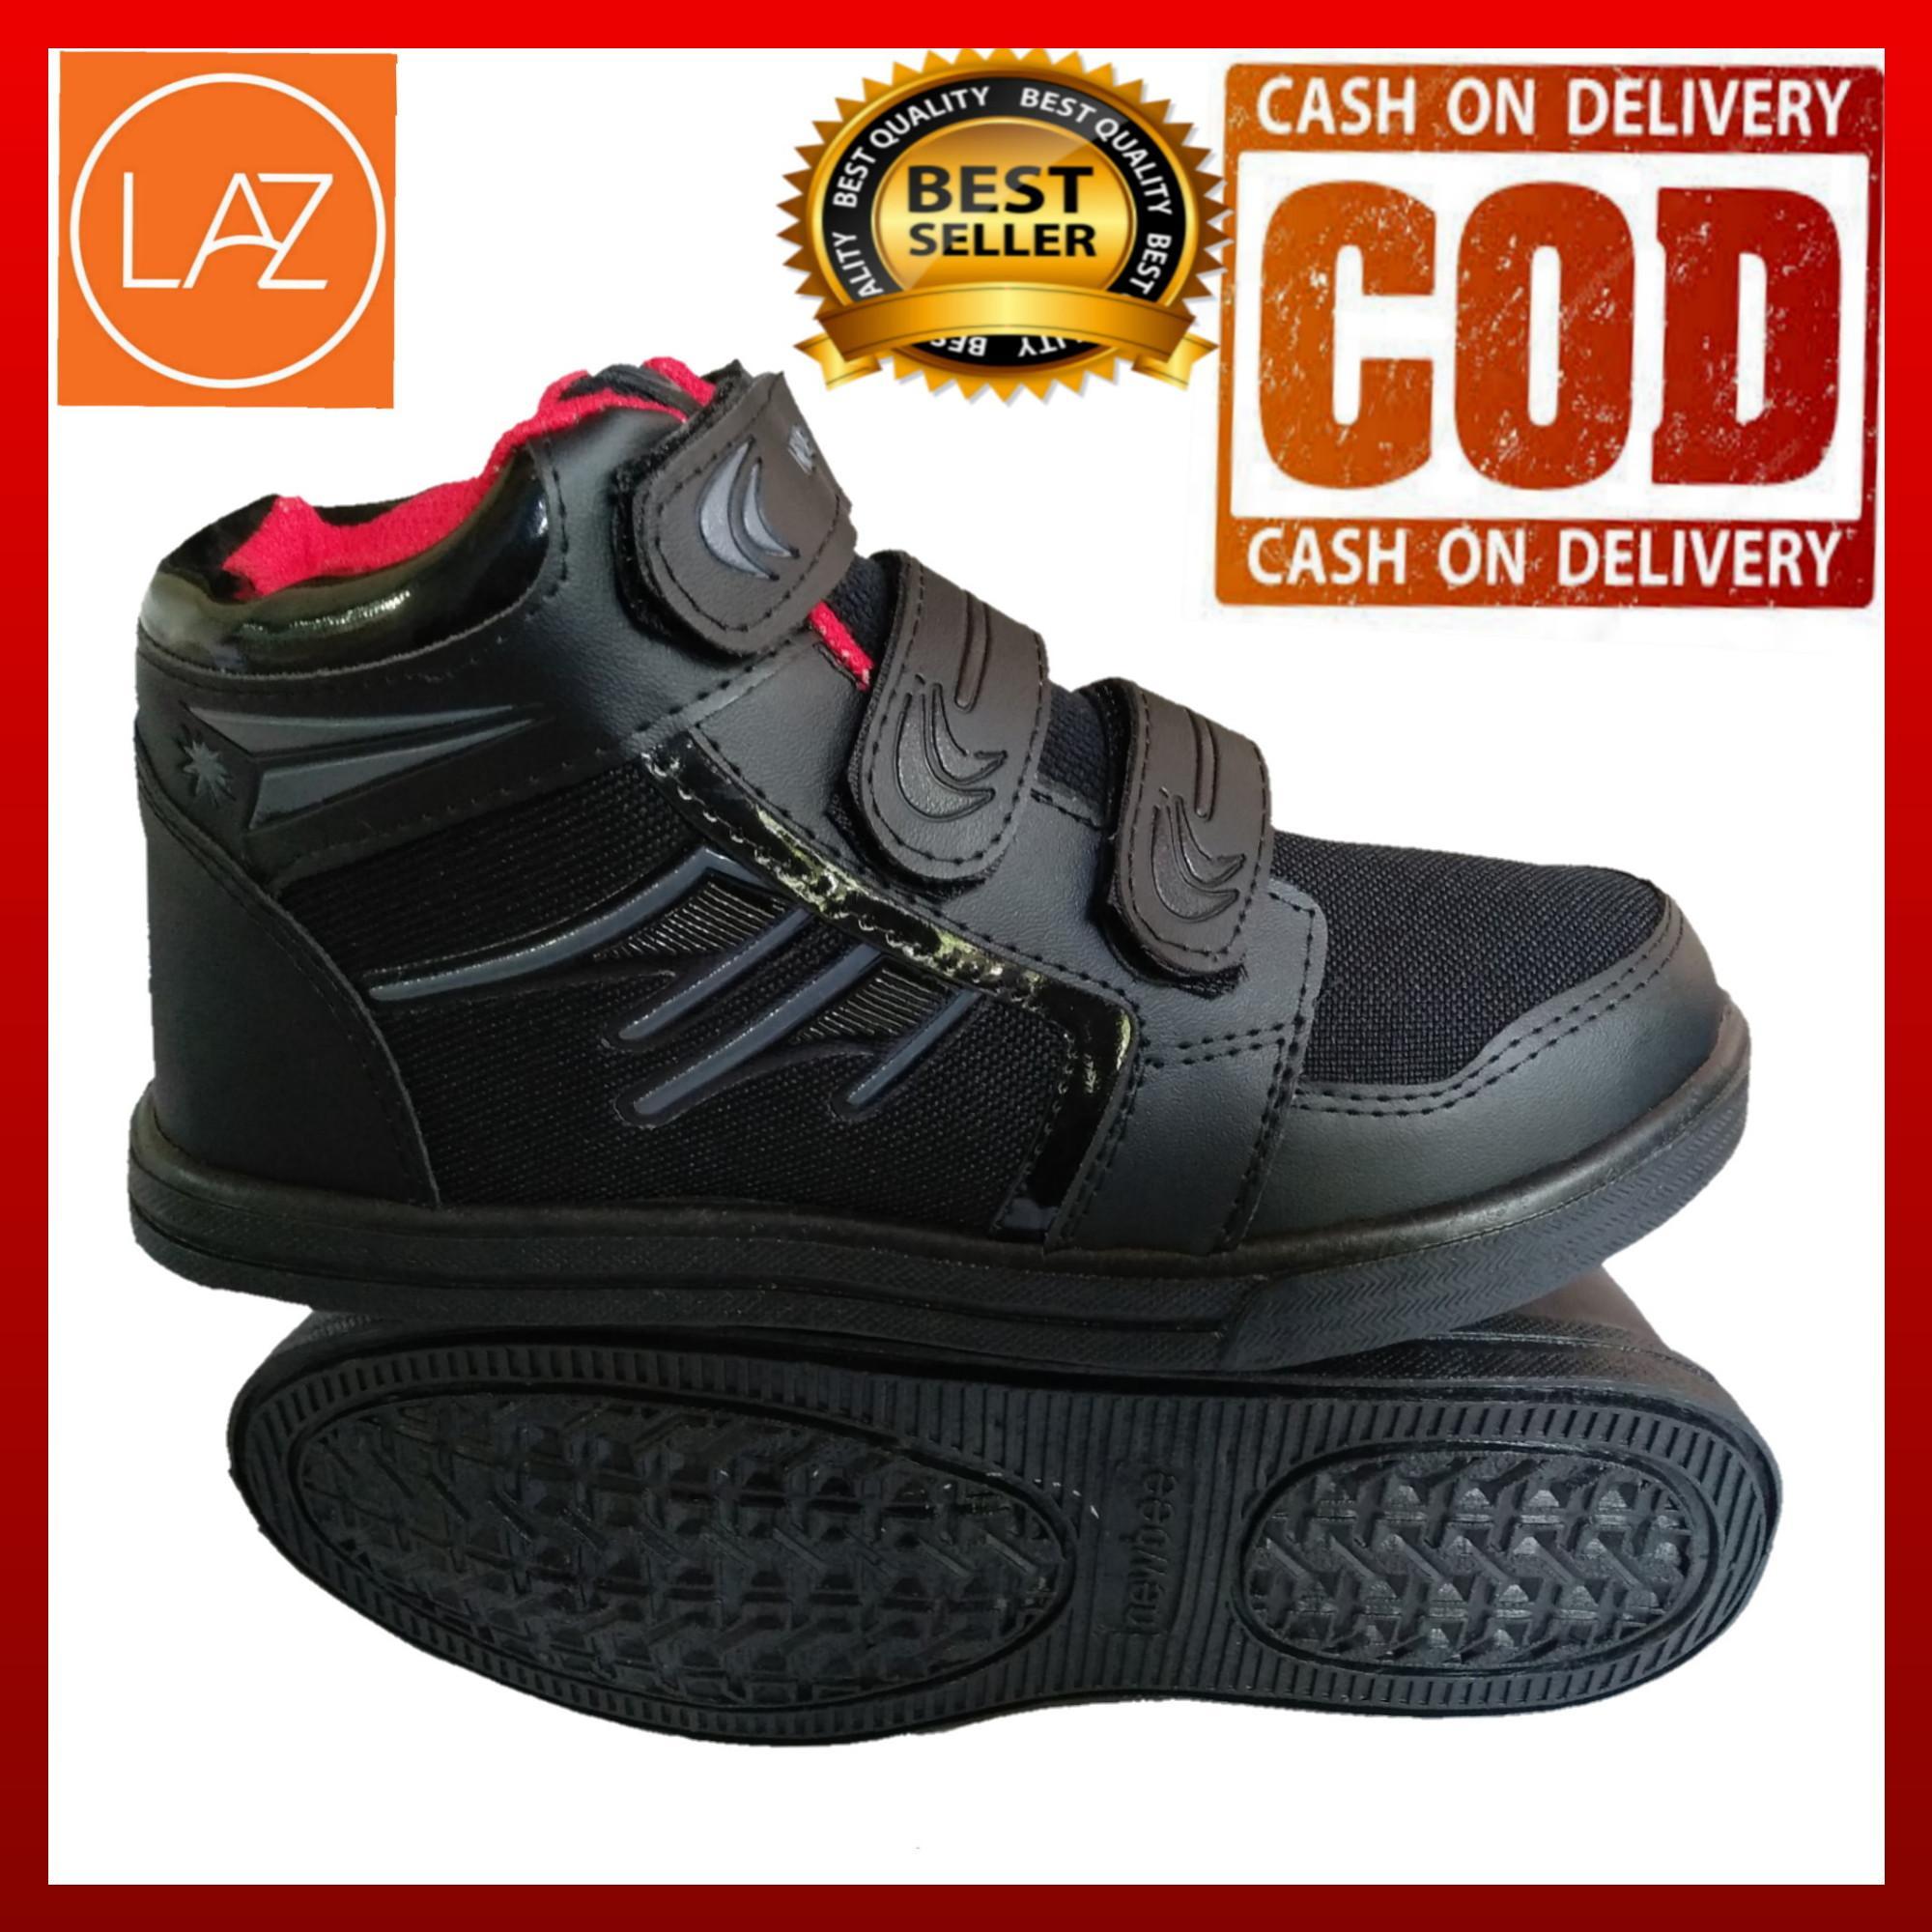 Sepatu Anak Sekolah warna hitam Terbaru   Sepatu anak Sekolah Warna Hitam  Slip On 0d578c2216